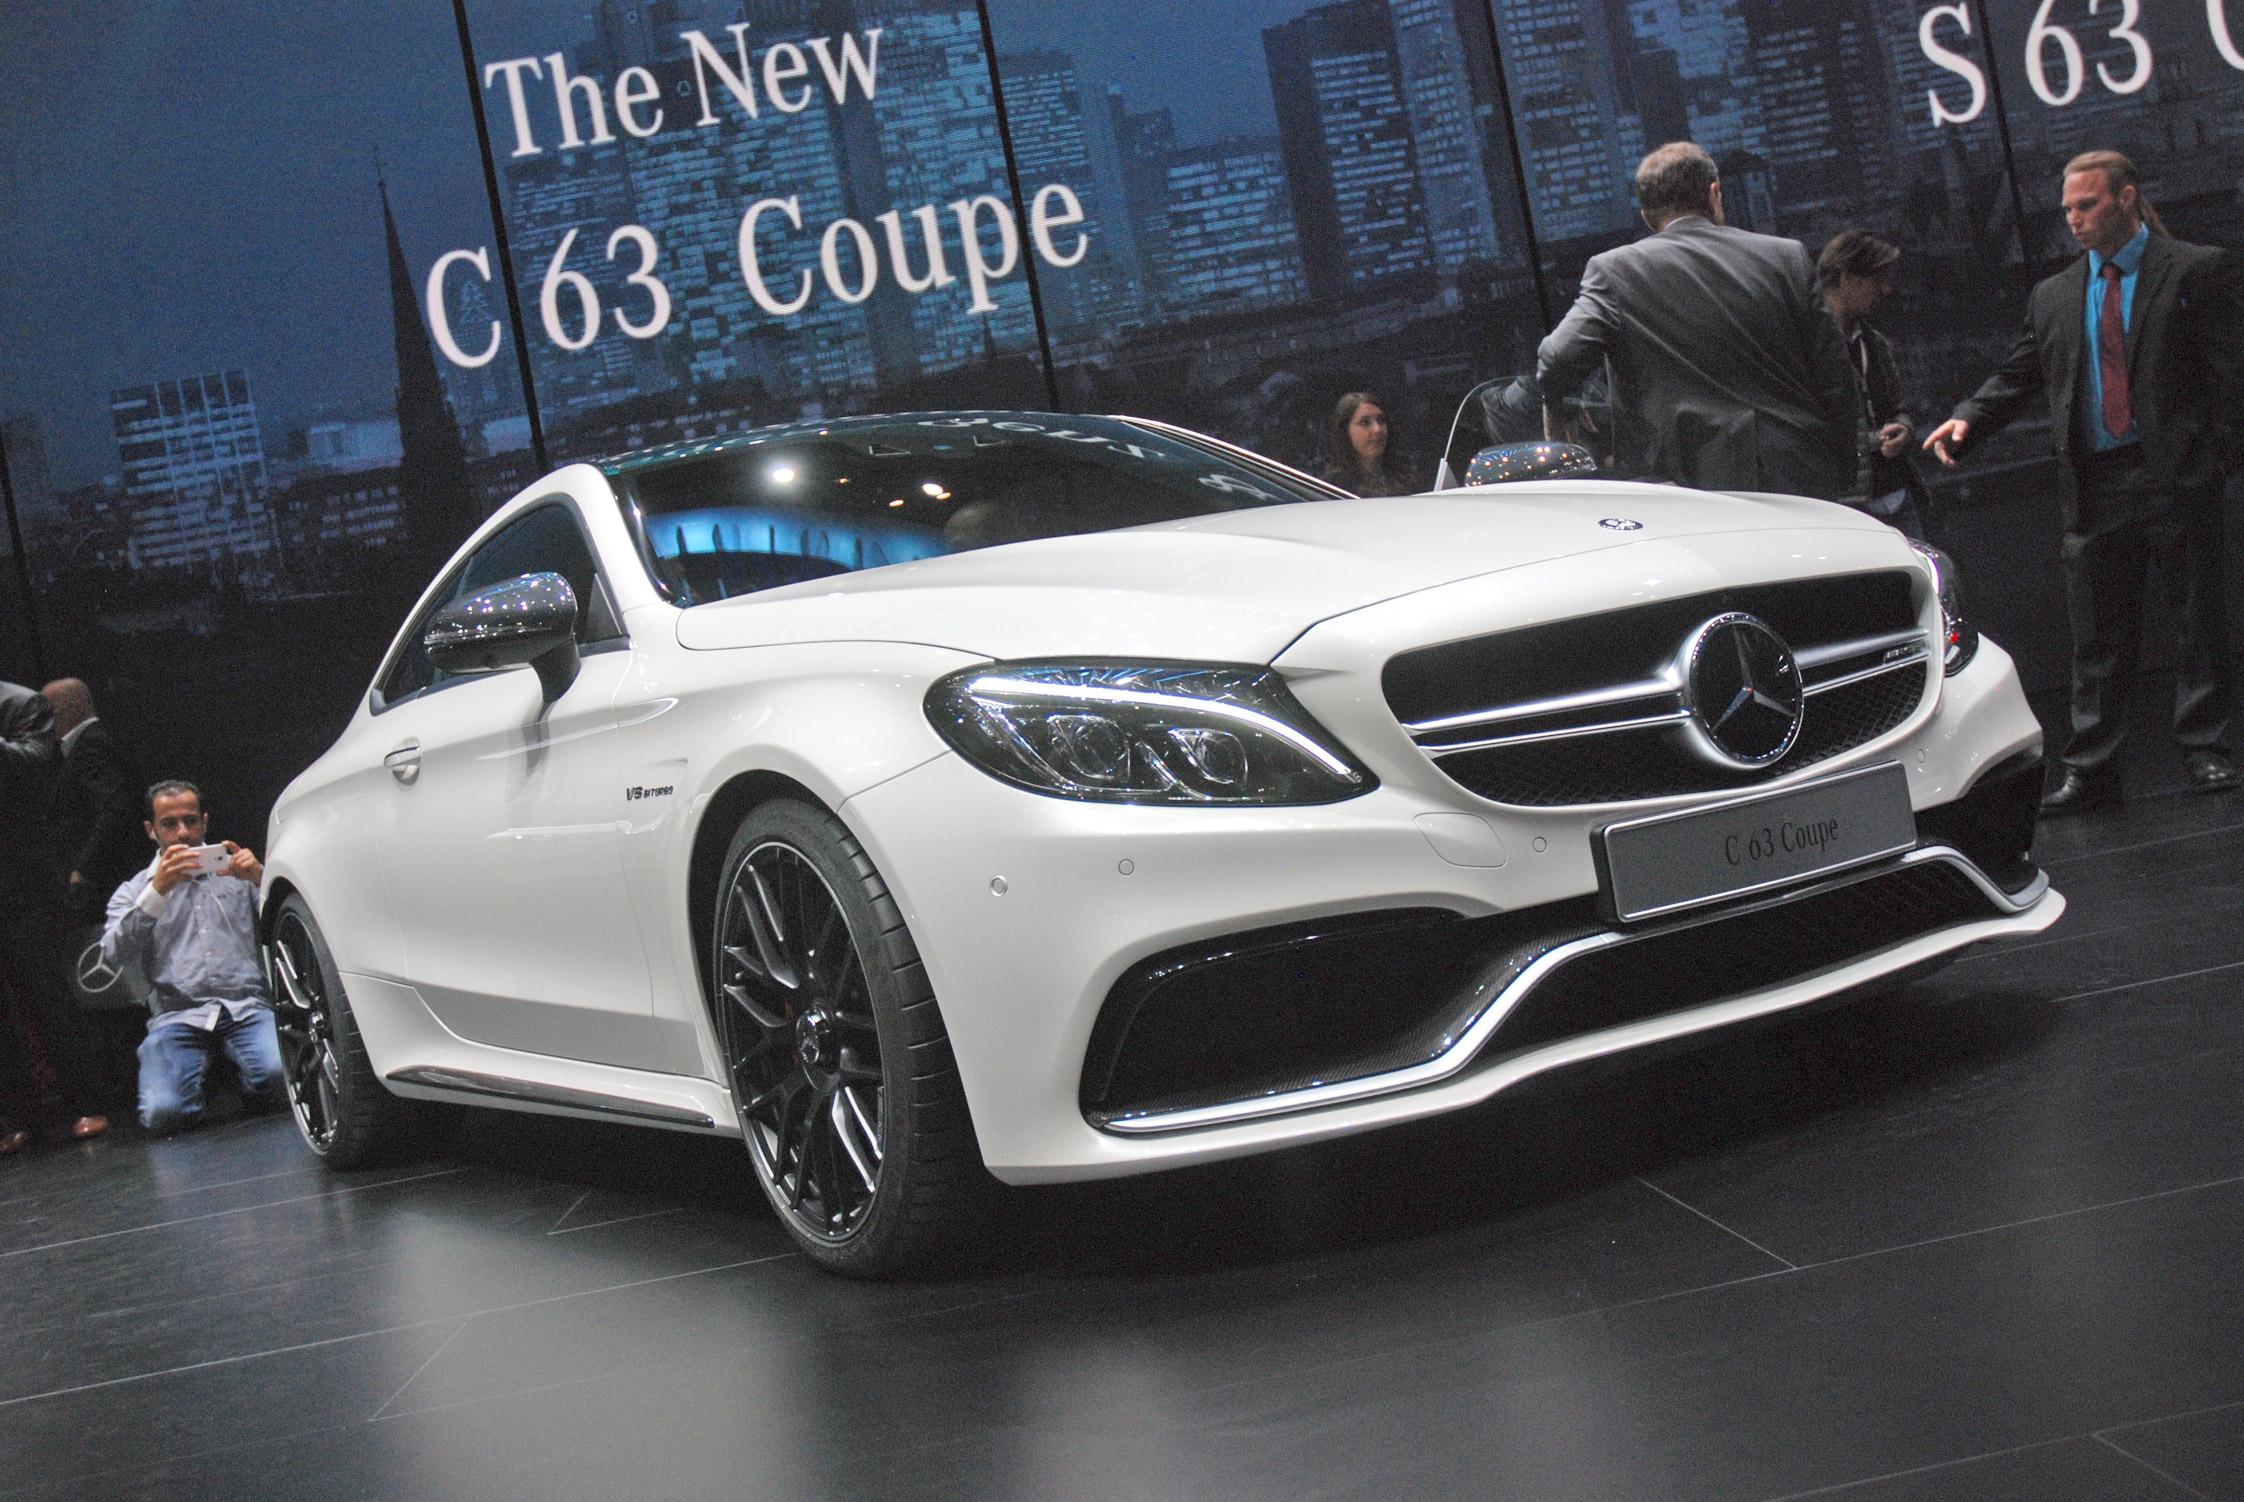 Mercedes classe c coup salon de francfort 2015 for Mercedes salon